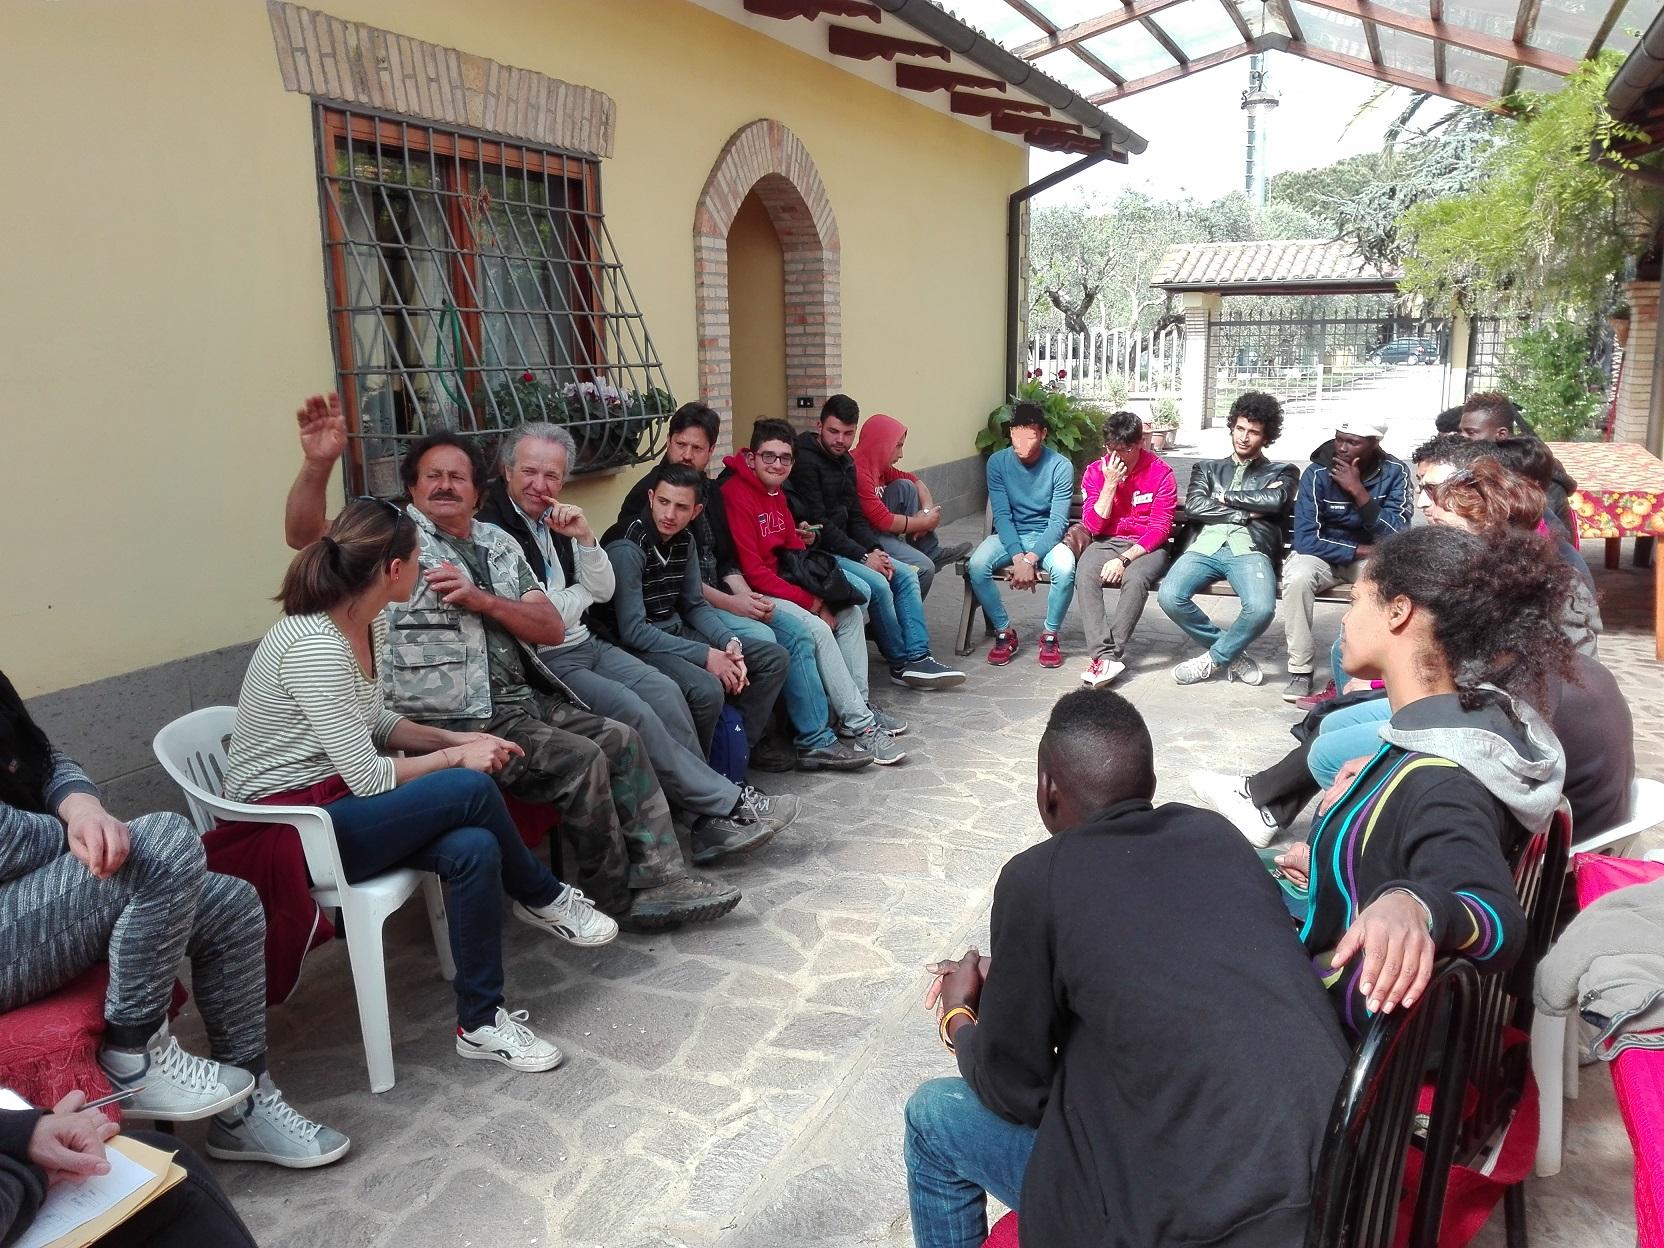 Giornate di Agricoltura Sociale. Il cerchio iniziale nell'Azienda Agricola D'Alesio